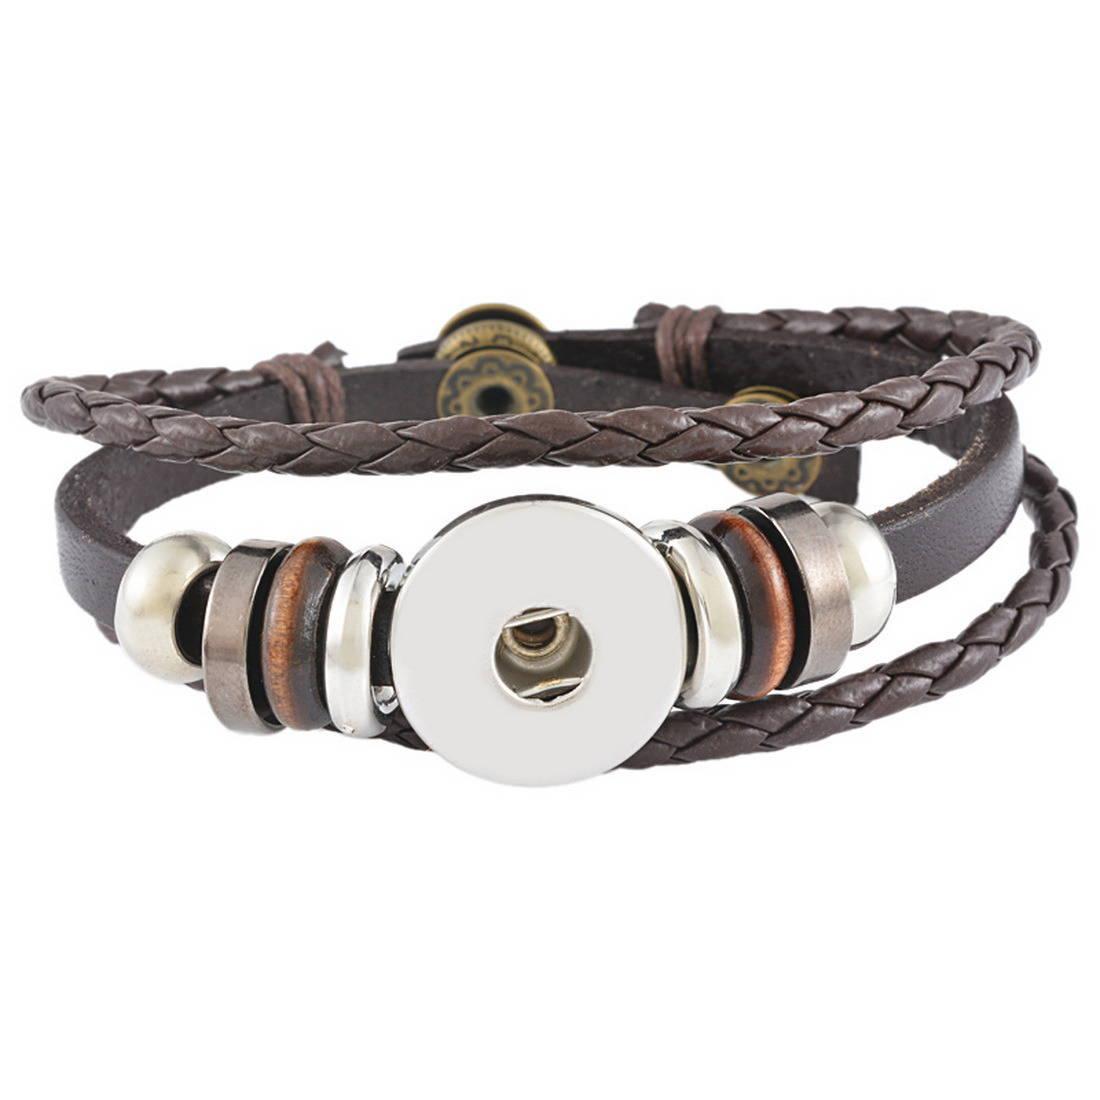 x 1 bracelet Multilayer Cuir PU marron pour bouton pression réglable métal argenté 23 cm